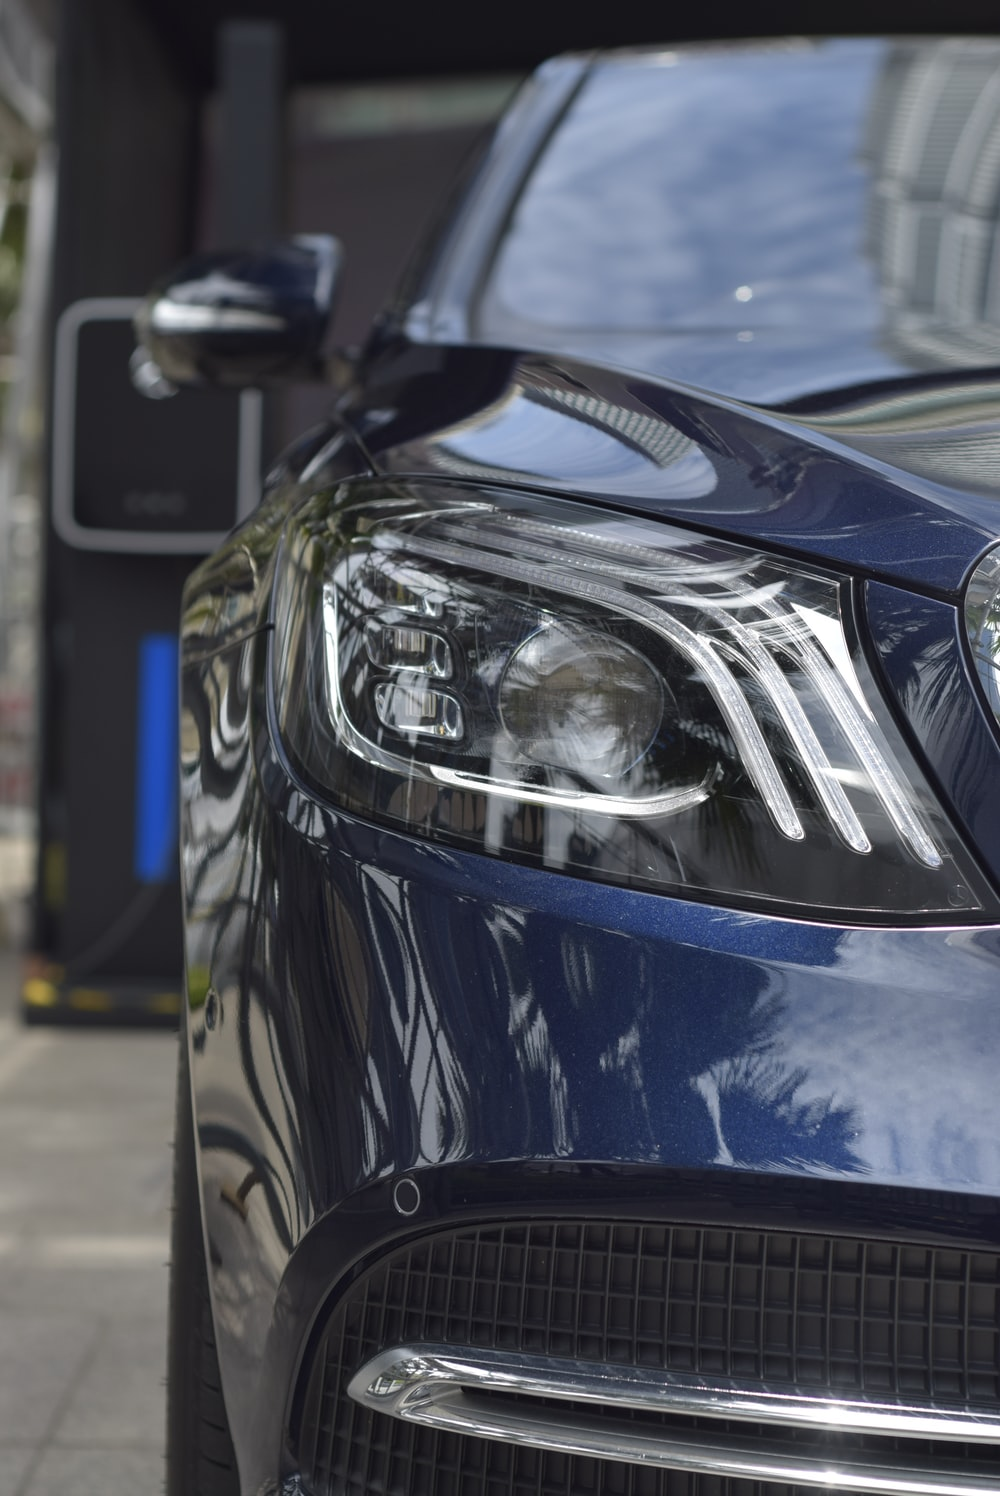 headlight on a blue car